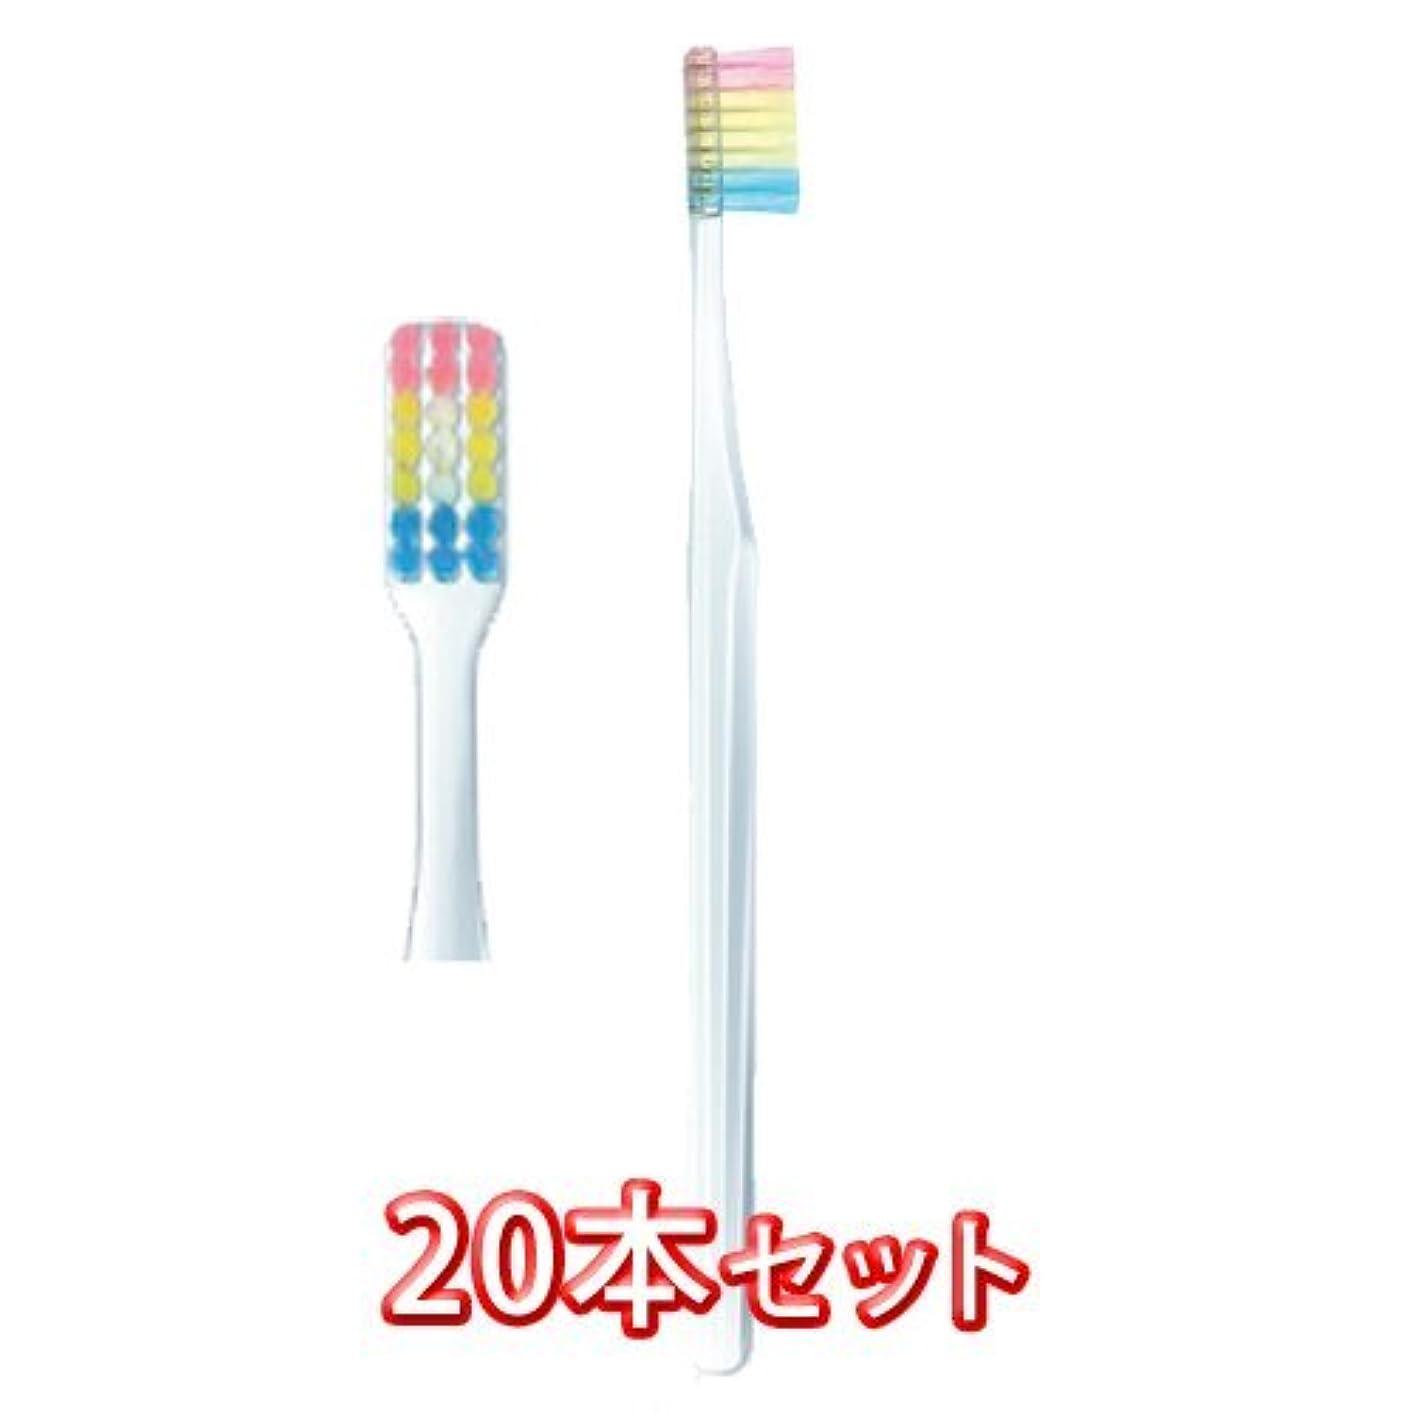 協力ズーム緩めるプロスペック 歯ブラシ ヤング 20本入 フォーレッスン 毛の硬さふつう